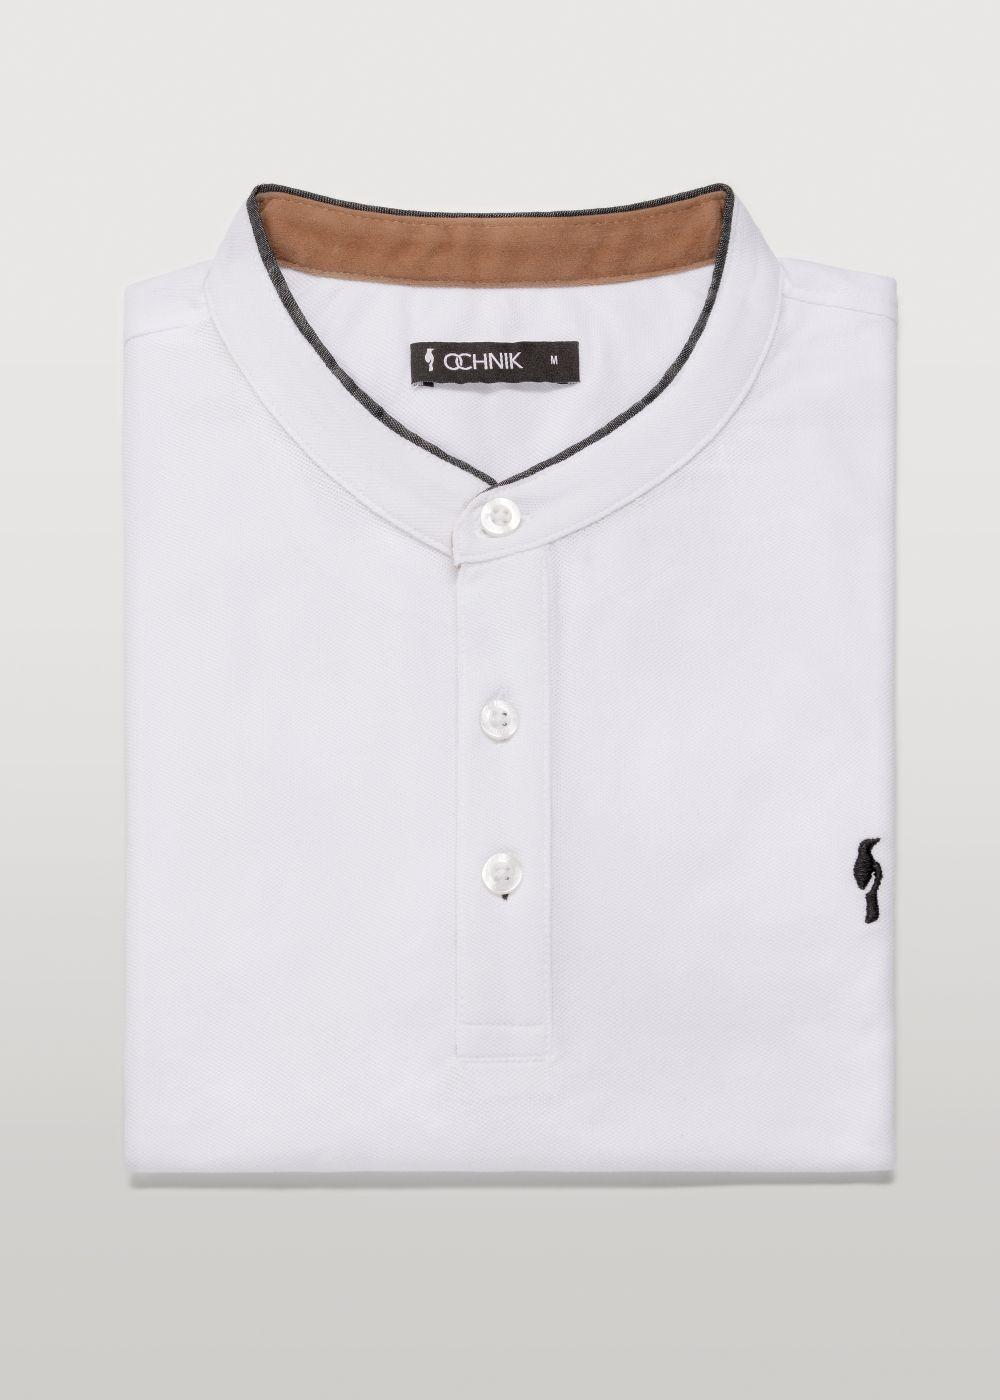 Koszulka polo POLMT-0044-11(W21)